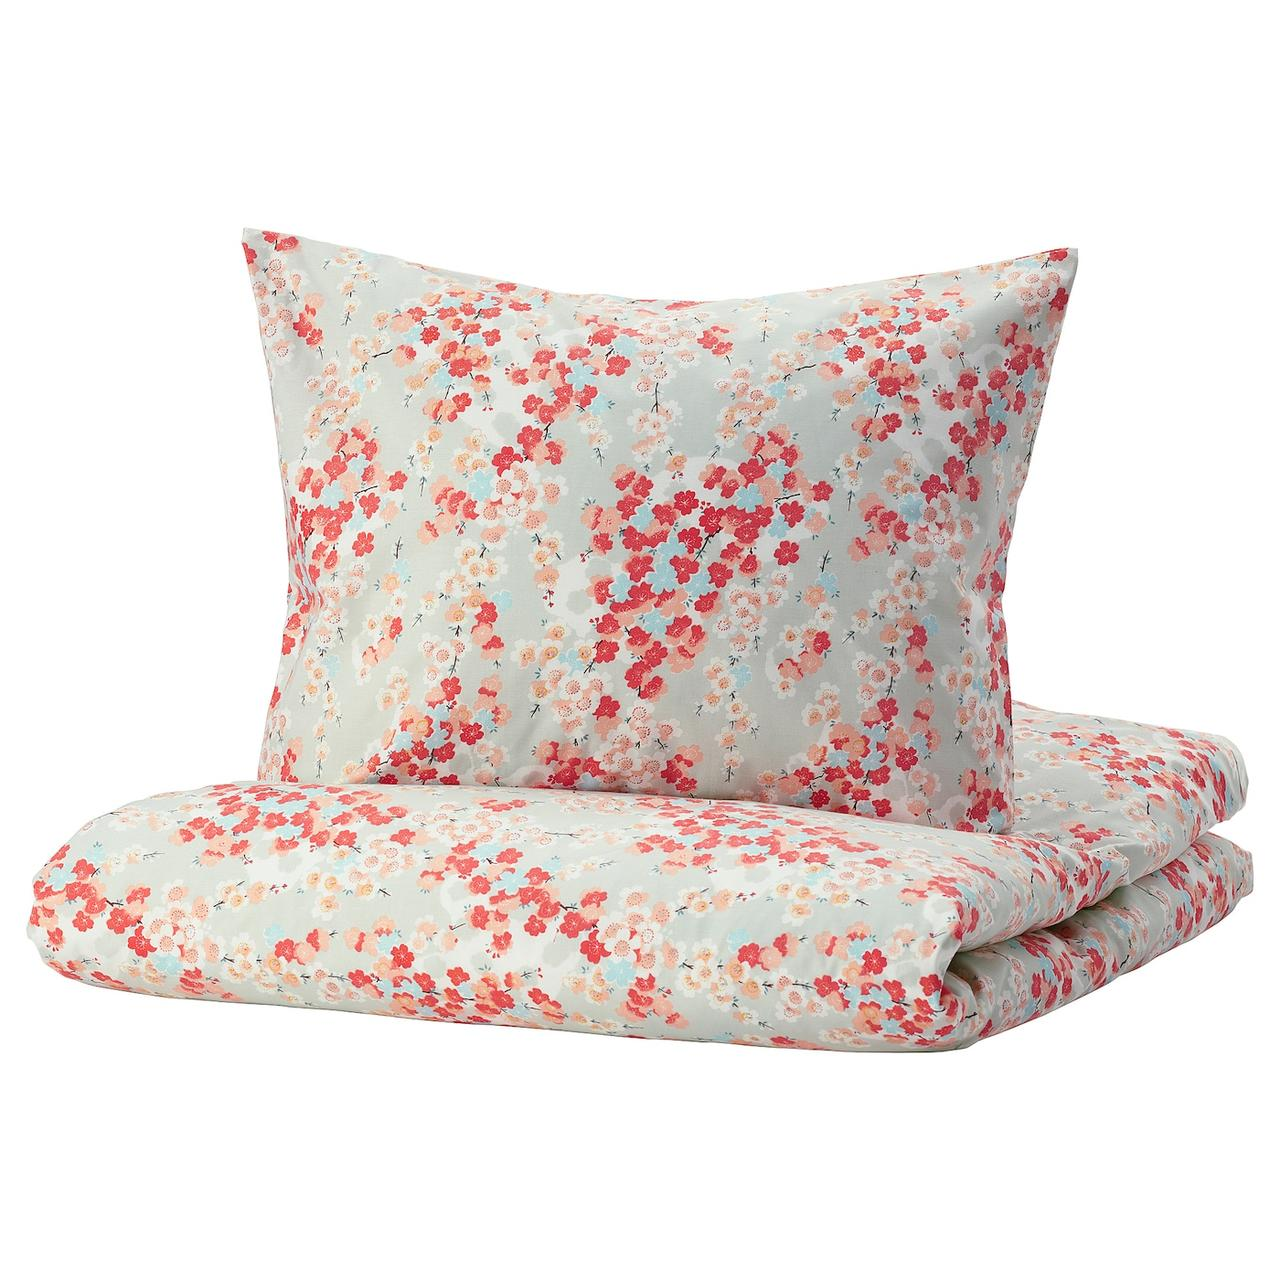 IKEA KLIBBGLIM  Комплект постельного белья, разноцветный / цветочный узор (104.822.63)